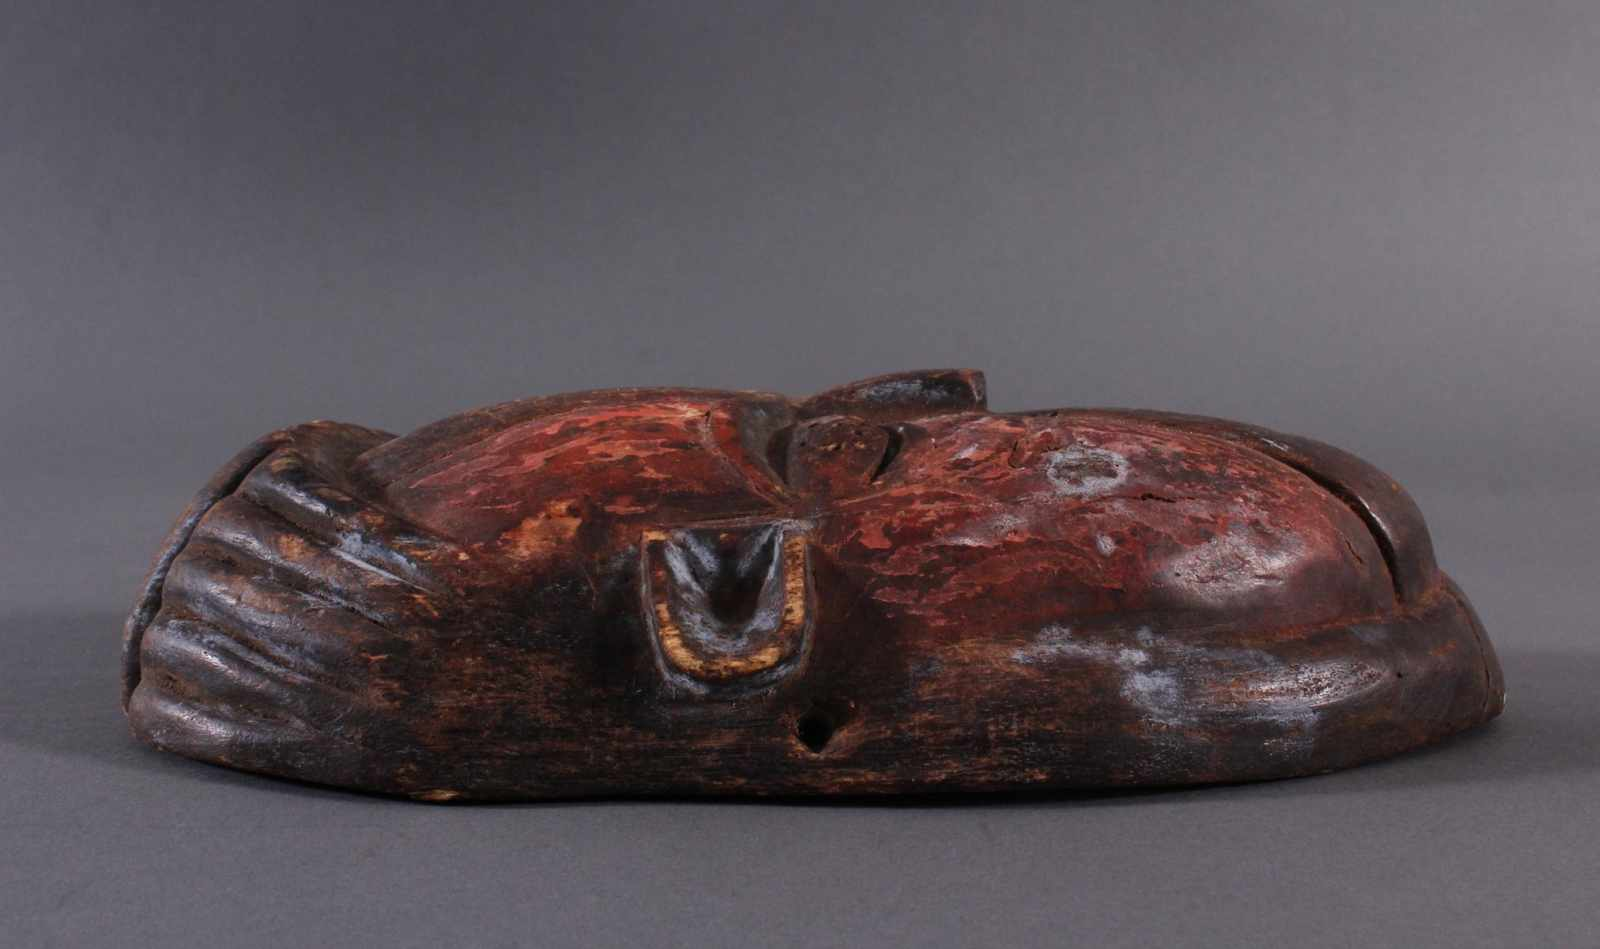 Antike Afrikanische Maske, 1. Hälfte 20. Jh.Holz geschnitzt und farbig gefaßt, durchbrochene - Bild 3 aus 6